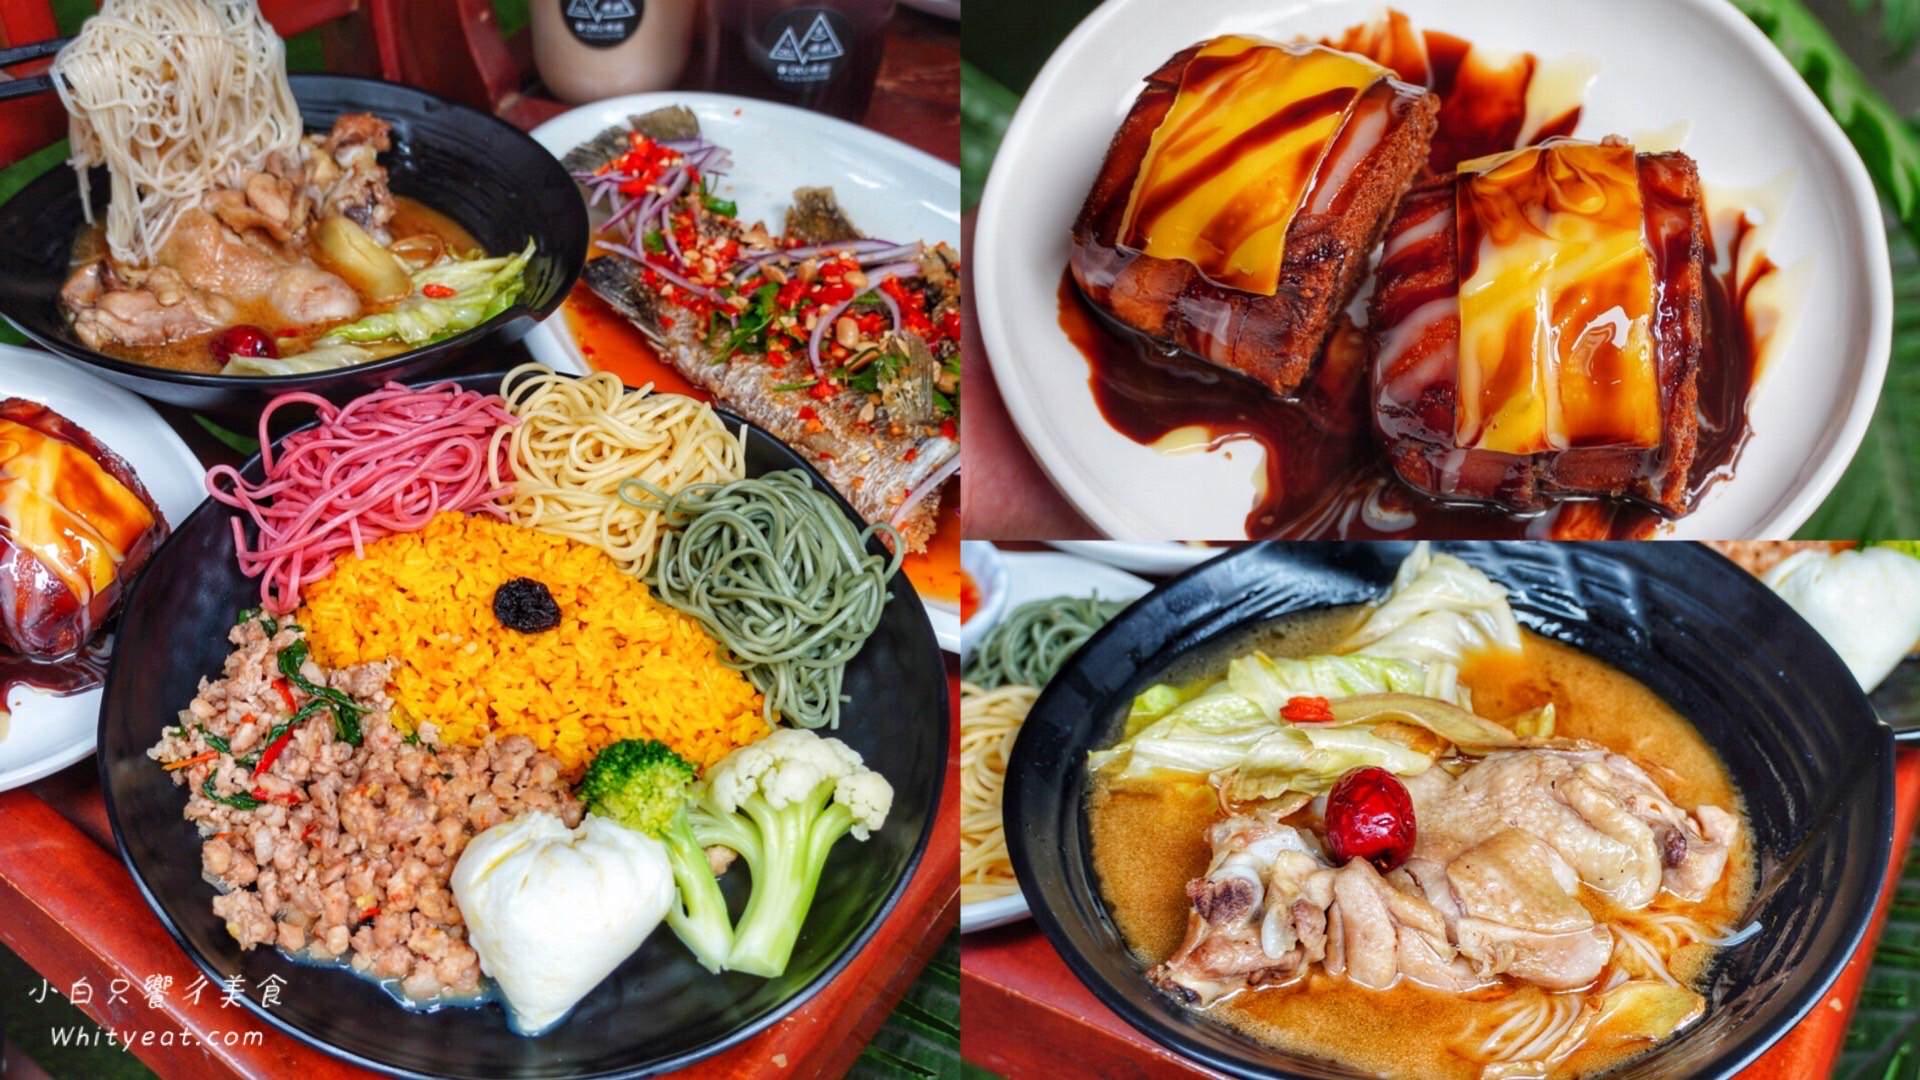 【台南美食】OKU 噢酷食所 五妃街百元平價泰式料理 大推炸饅頭/麻油雞麵線